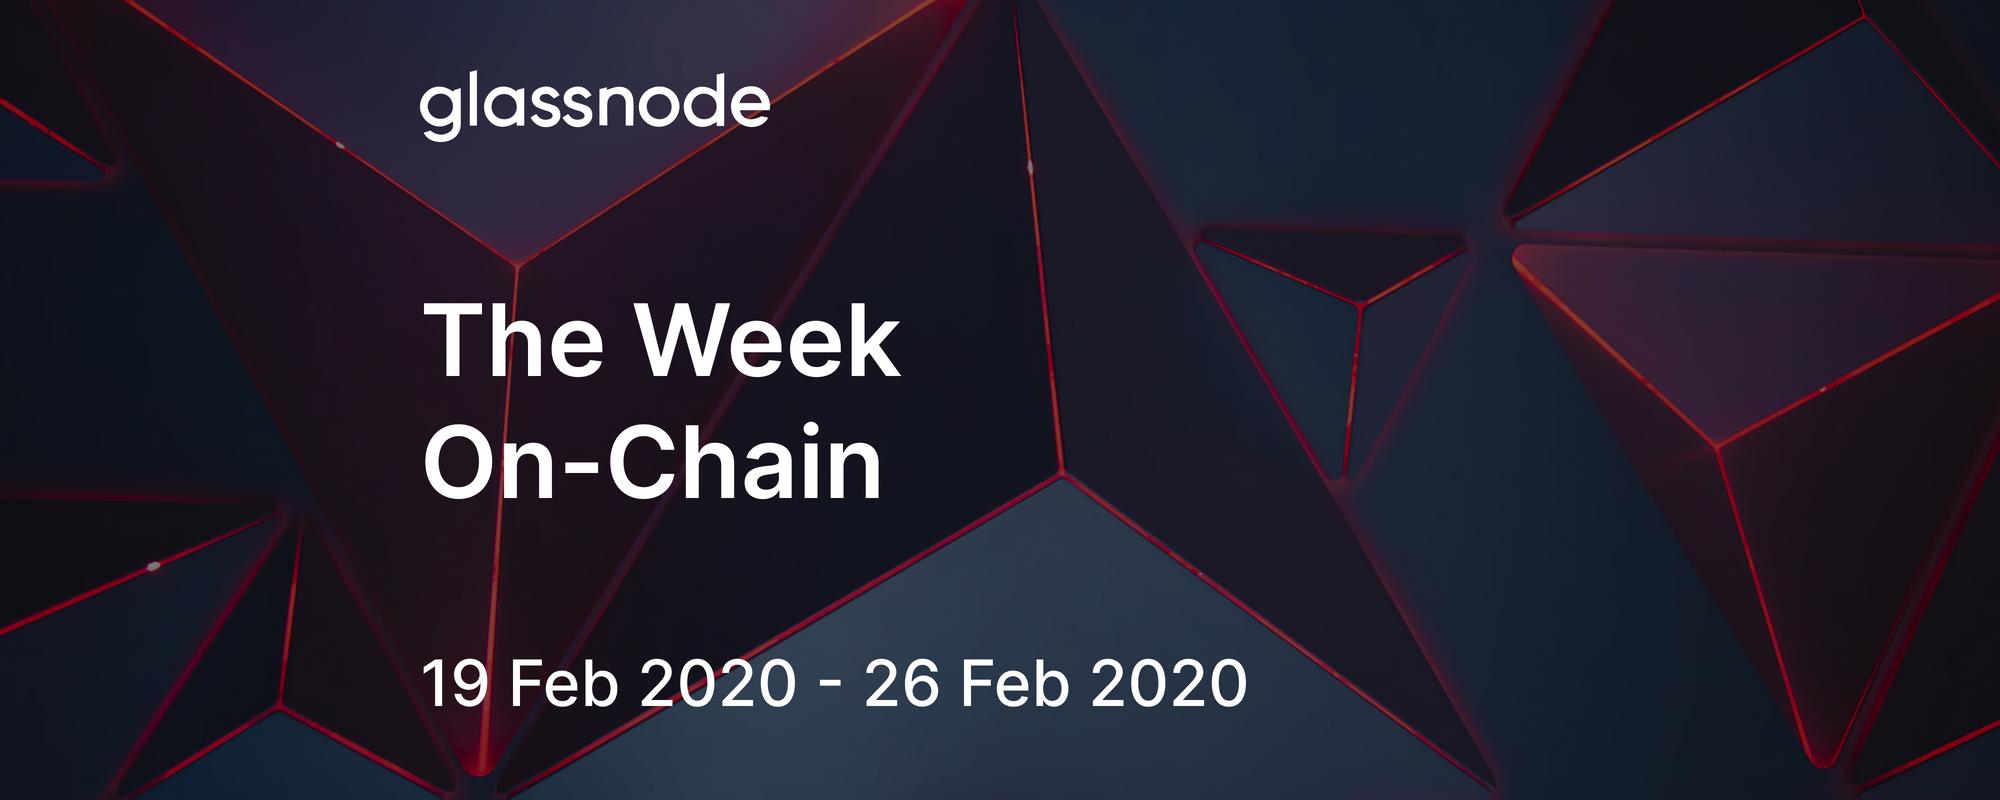 The Week On-Chain (19 Feb 2020 - 26 Feb 2020)